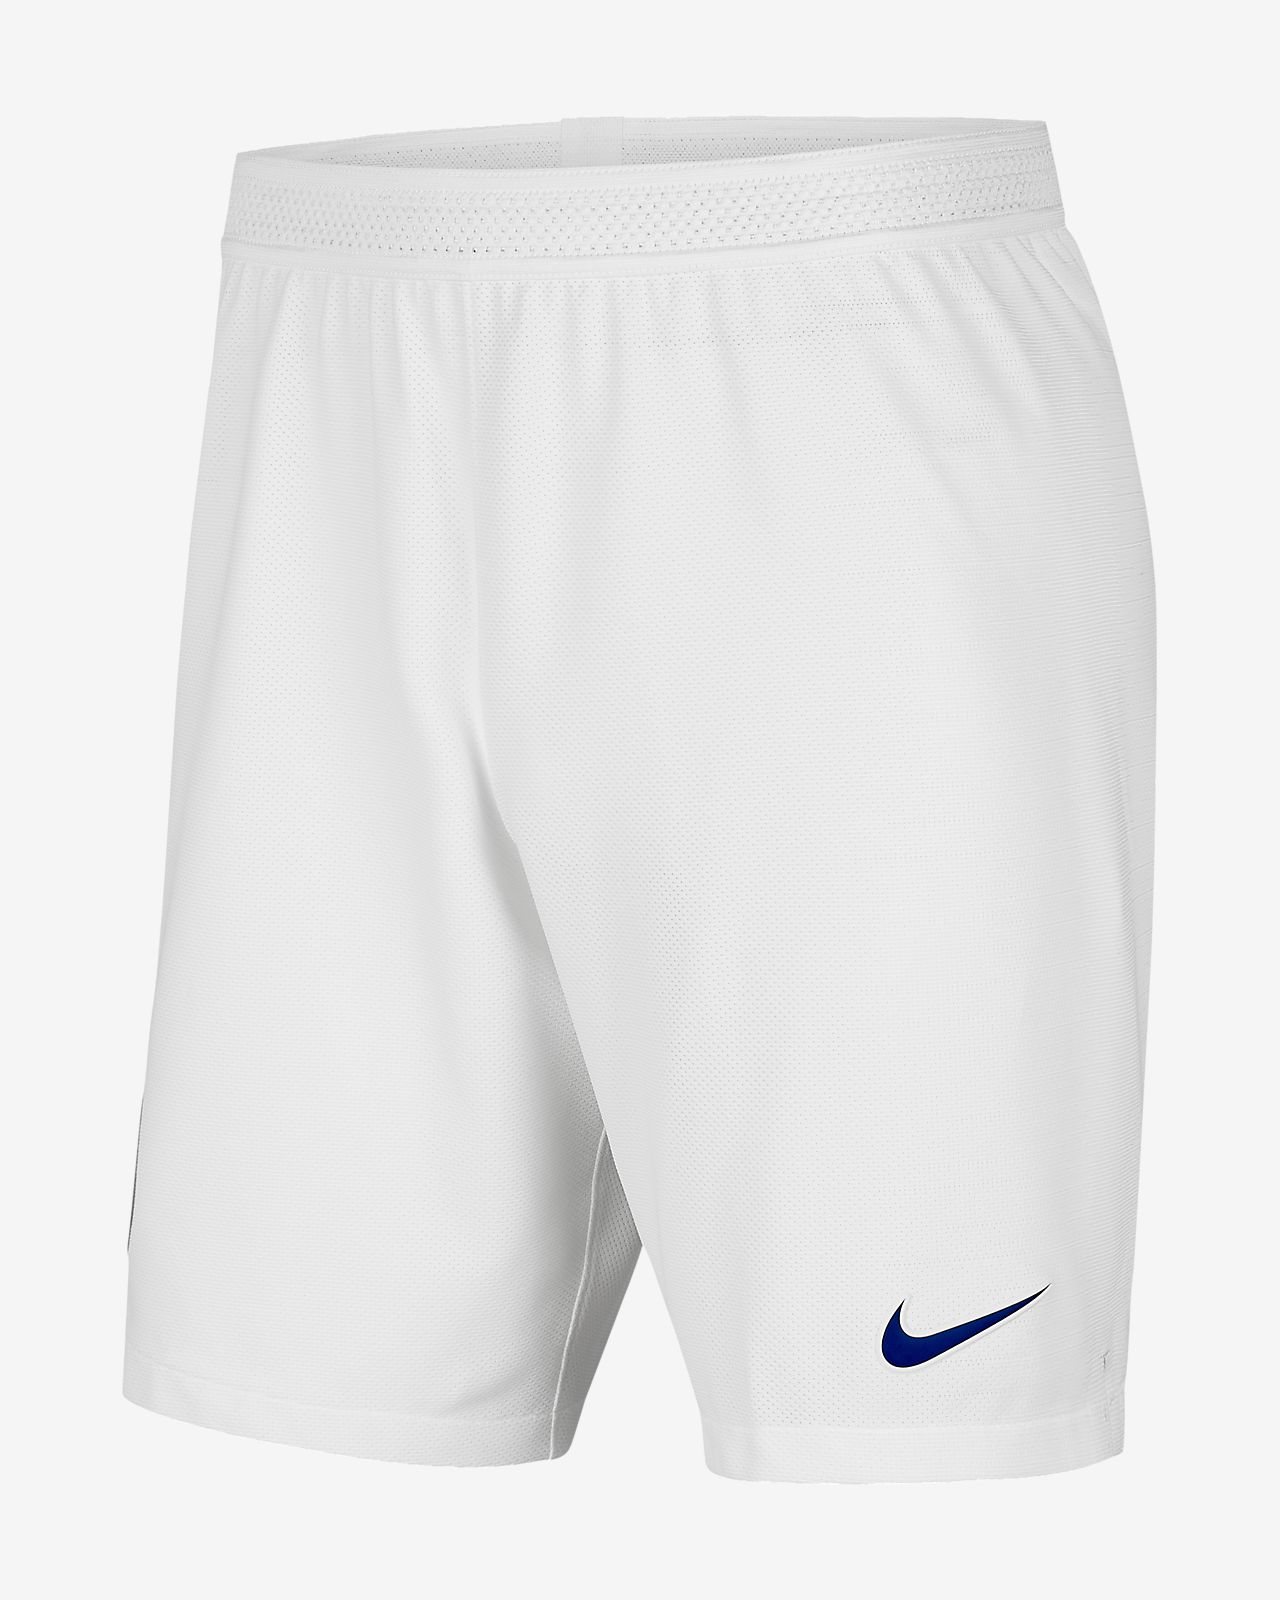 Chelsea FC 2019/20 Vapor Match Home/Away Men's Football Shorts